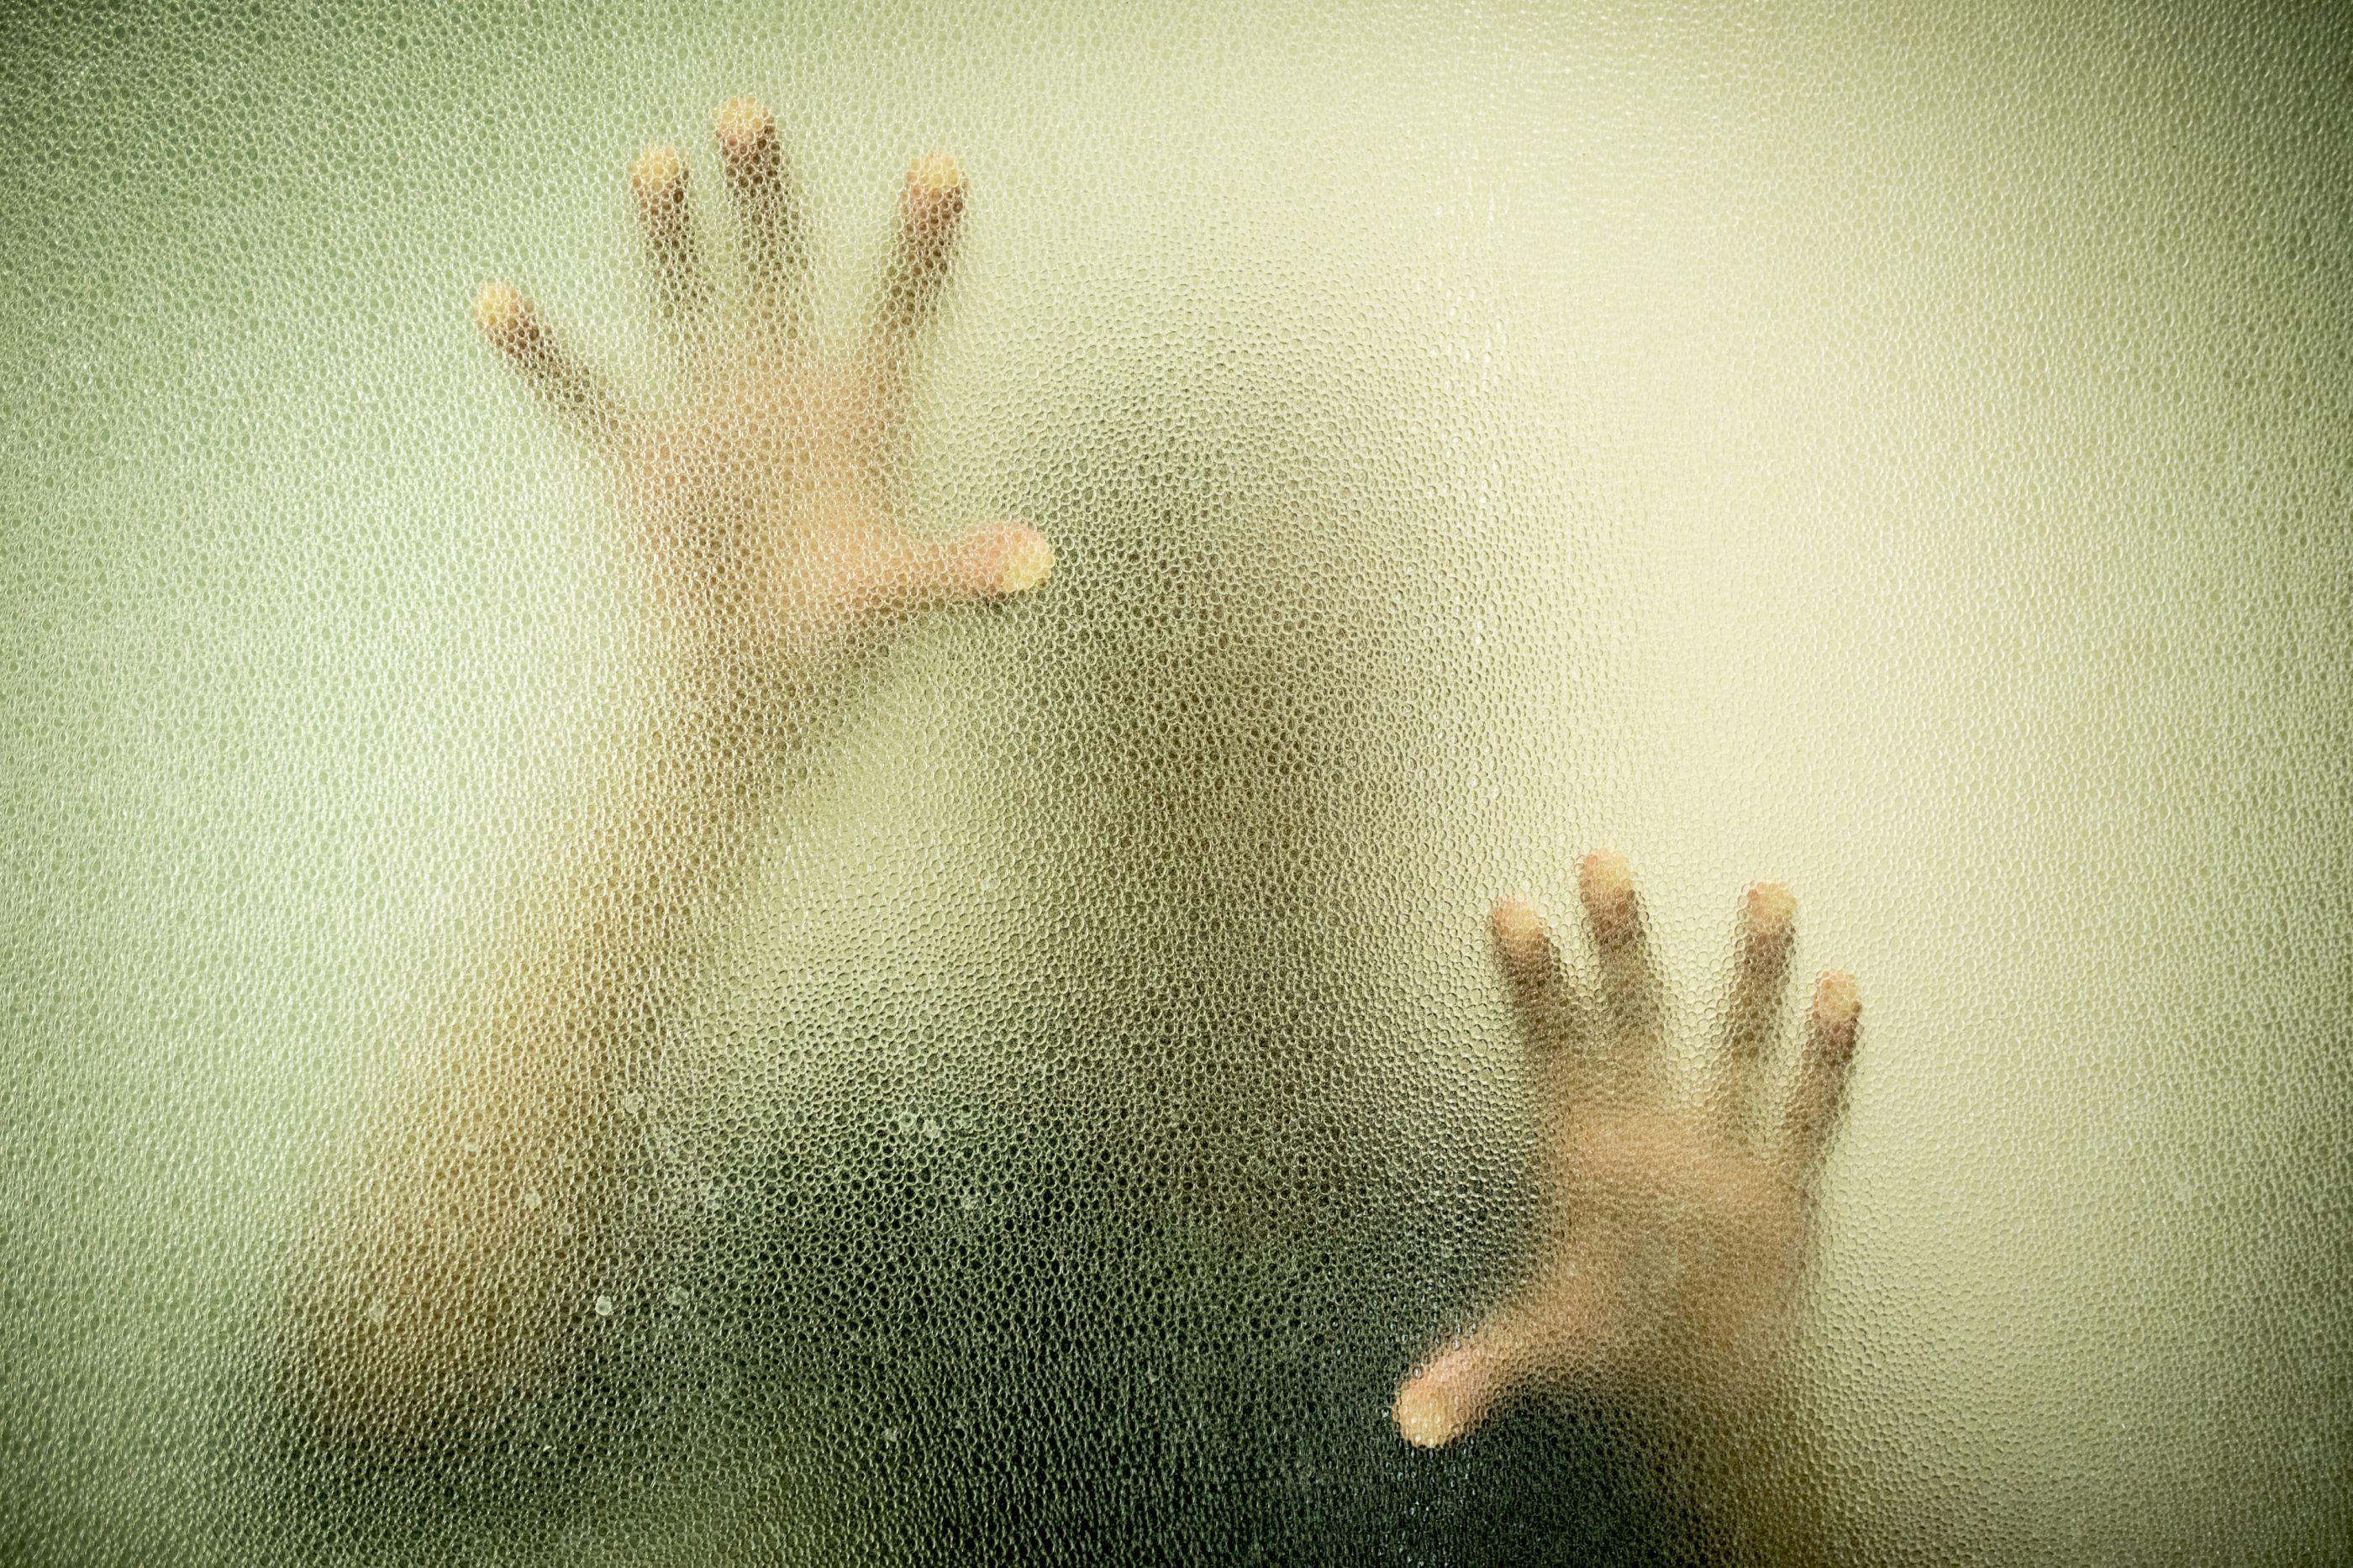 Sinalizadas 26 vítimas de tráfico de seres humanos na zona de Beja